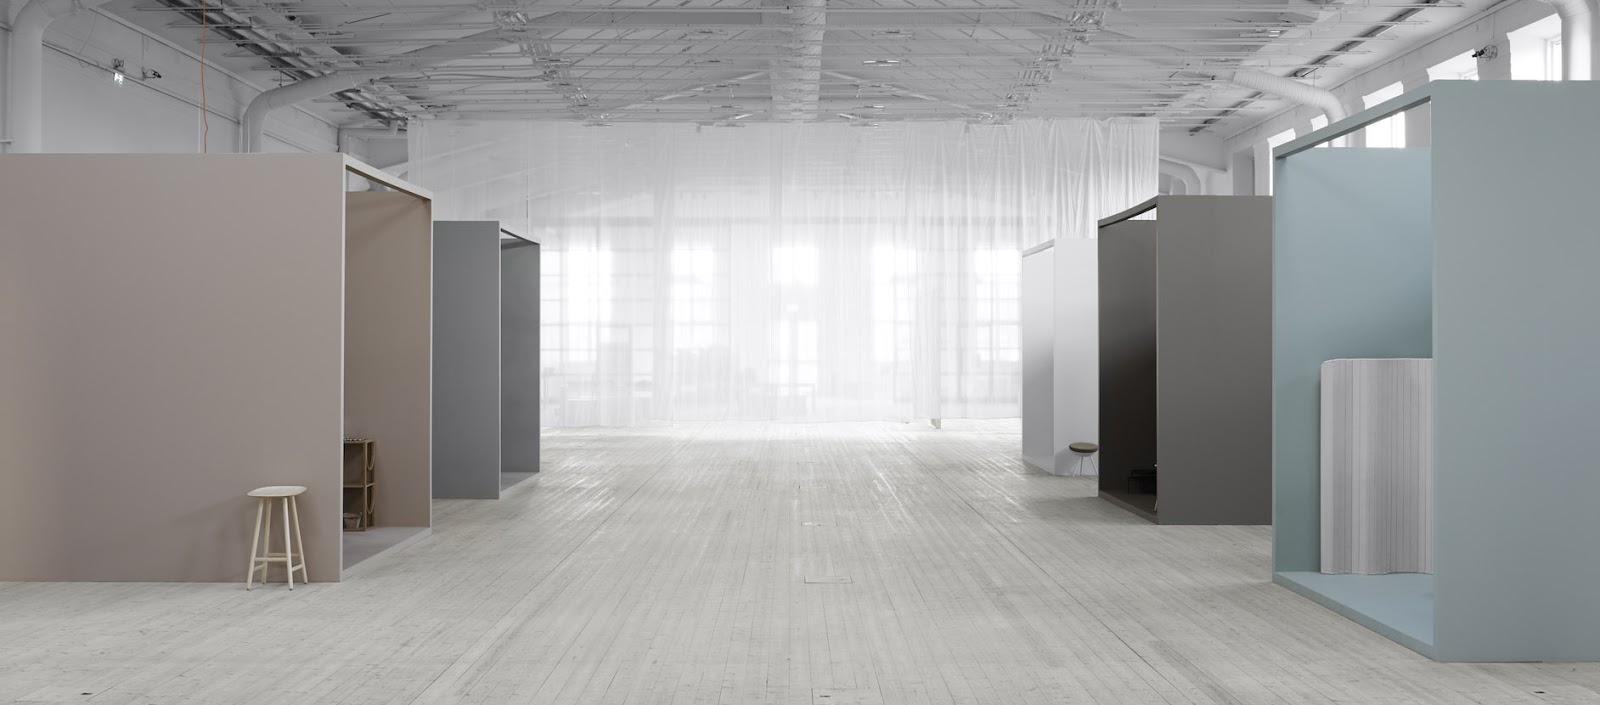 Riviste Di Design D Interni.Mostra L Immagine Nell Arredamento A Stoccolma By Note Design